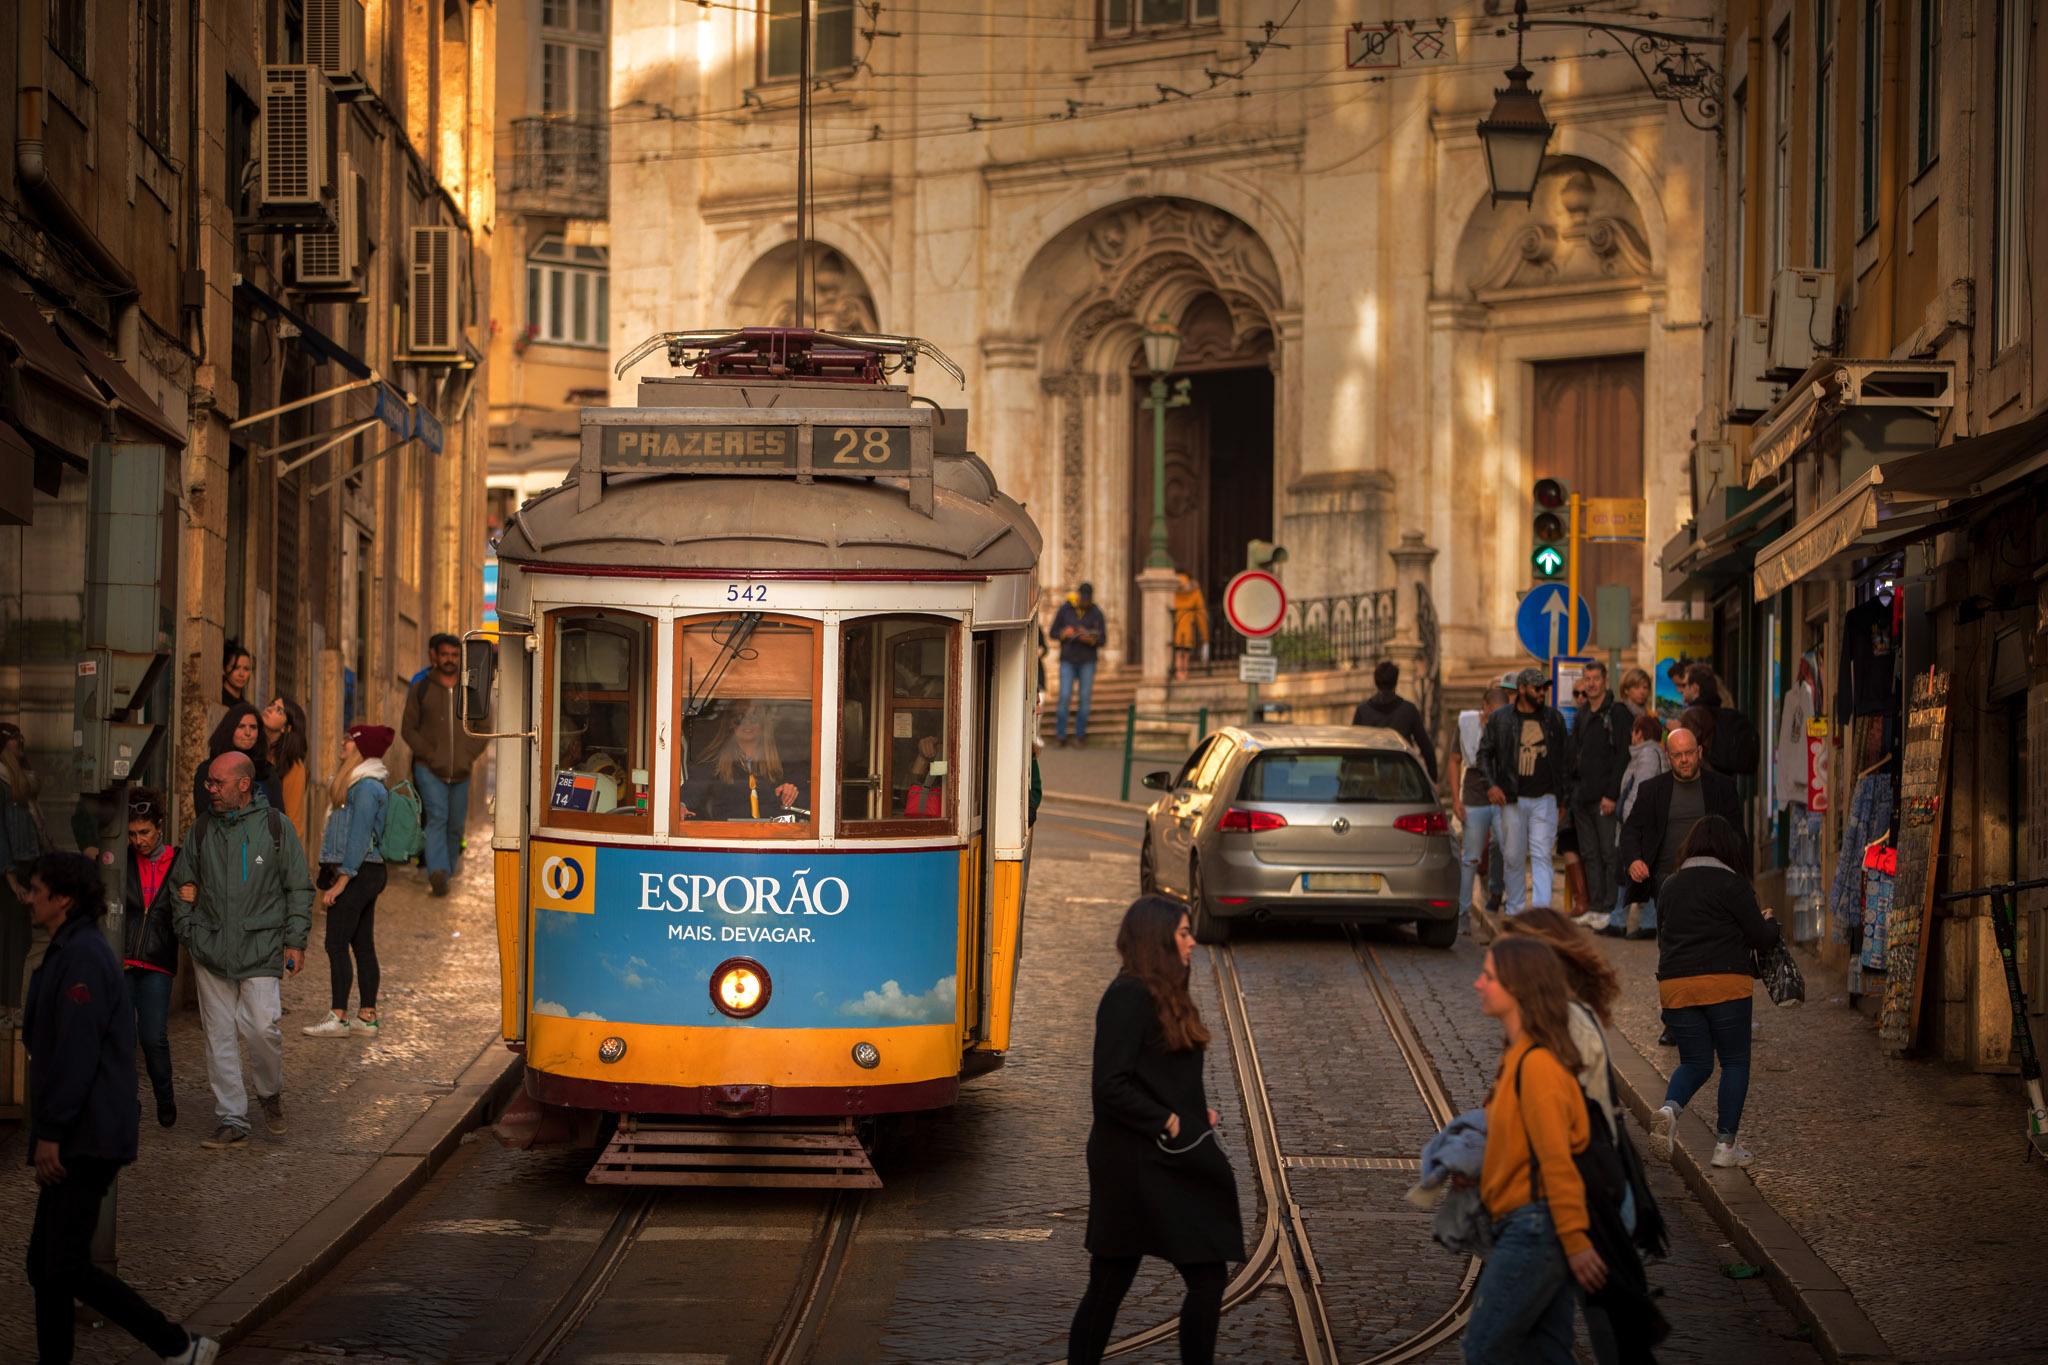 Tram No. 28, Portugal